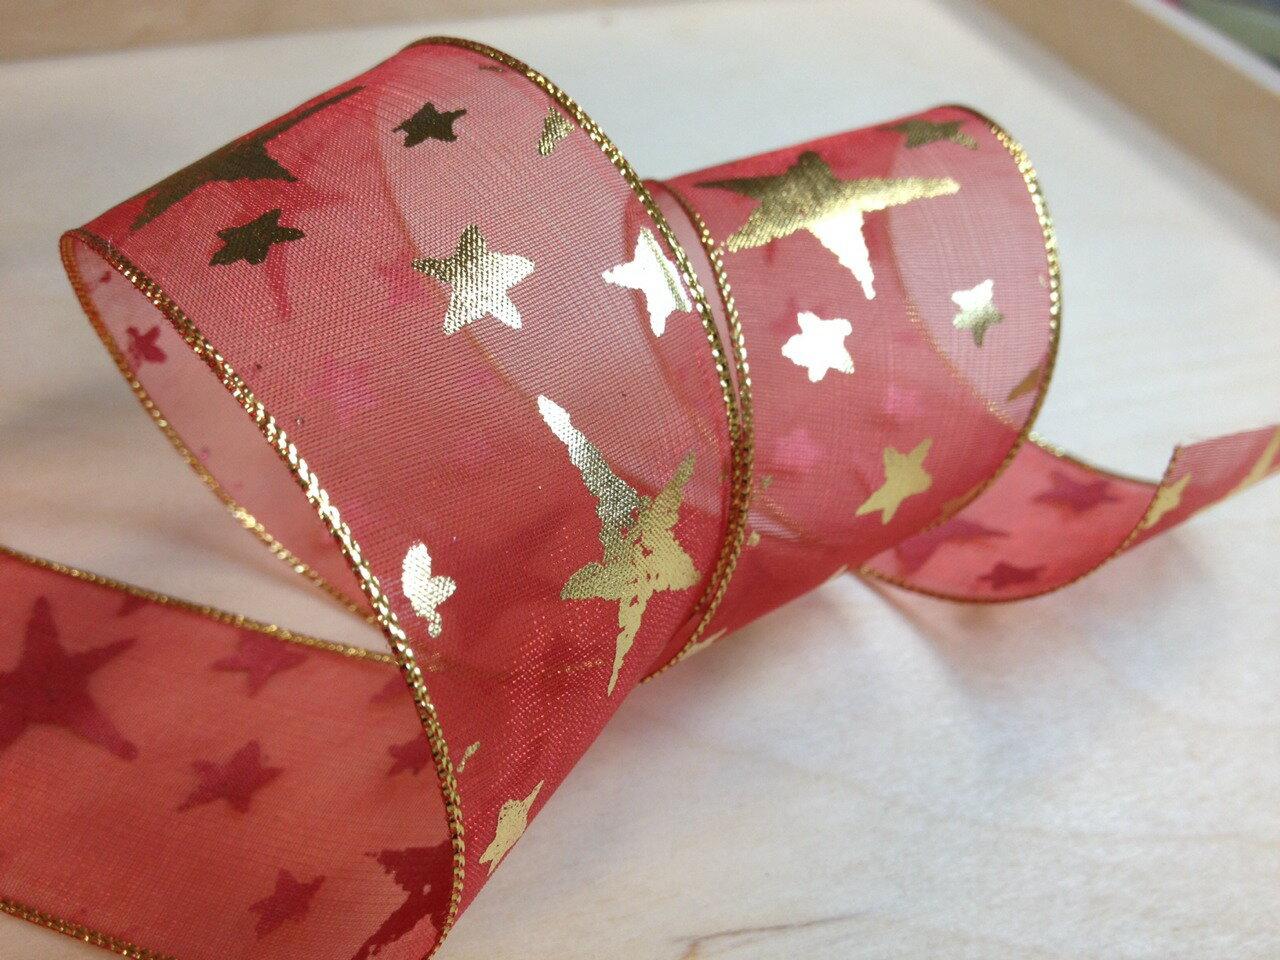 網紗緞帶-聖誕彩色星星 38mm 3碼裝 (5色) 2